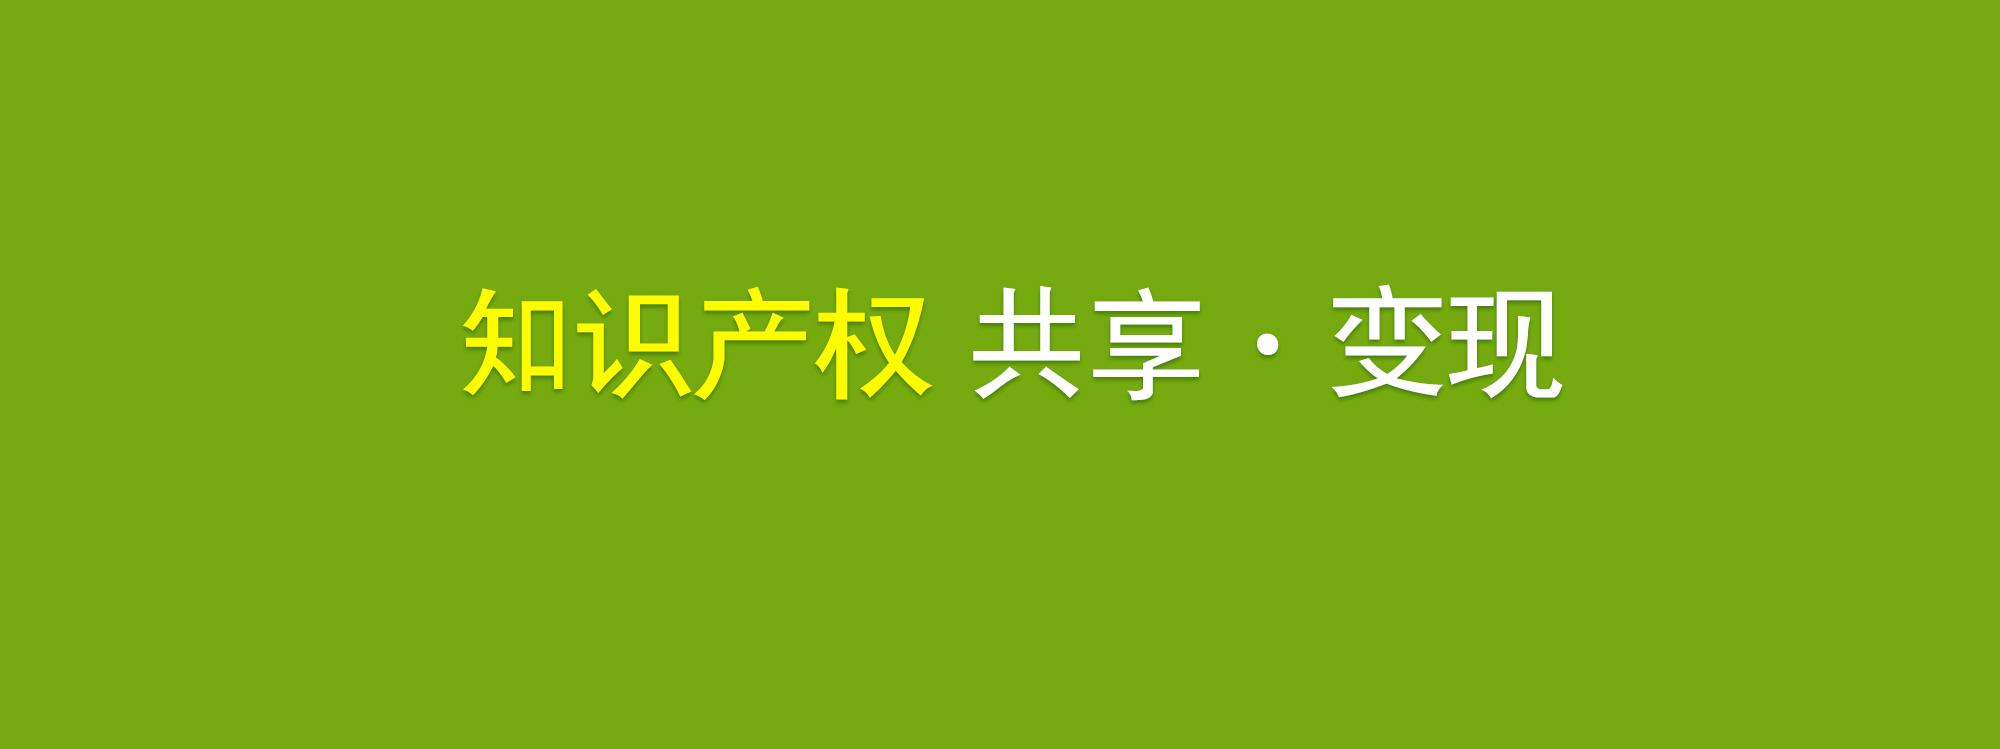 玖佰云市场 知识产权 交易平台